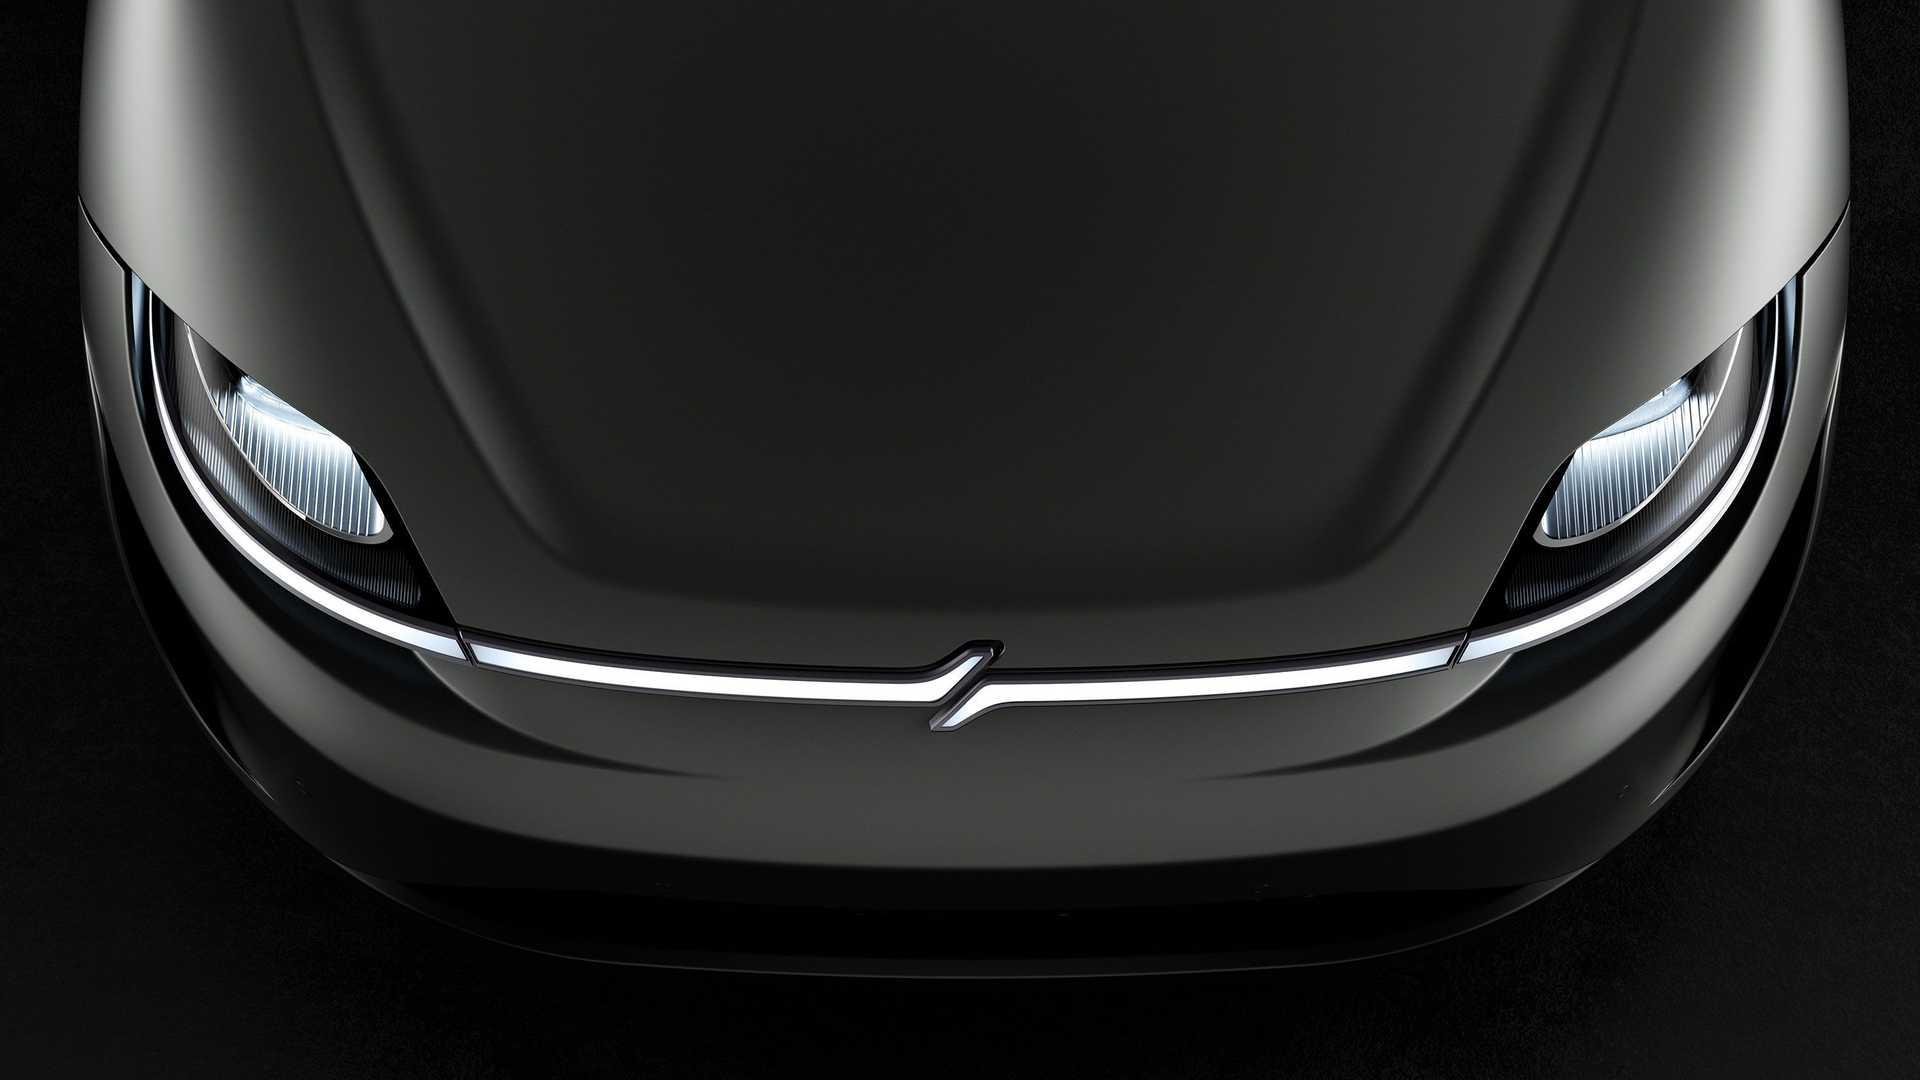 'Foxconn ngành ô tô' muốn giúp Sony và các hãng công nghệ phát triển xe điện